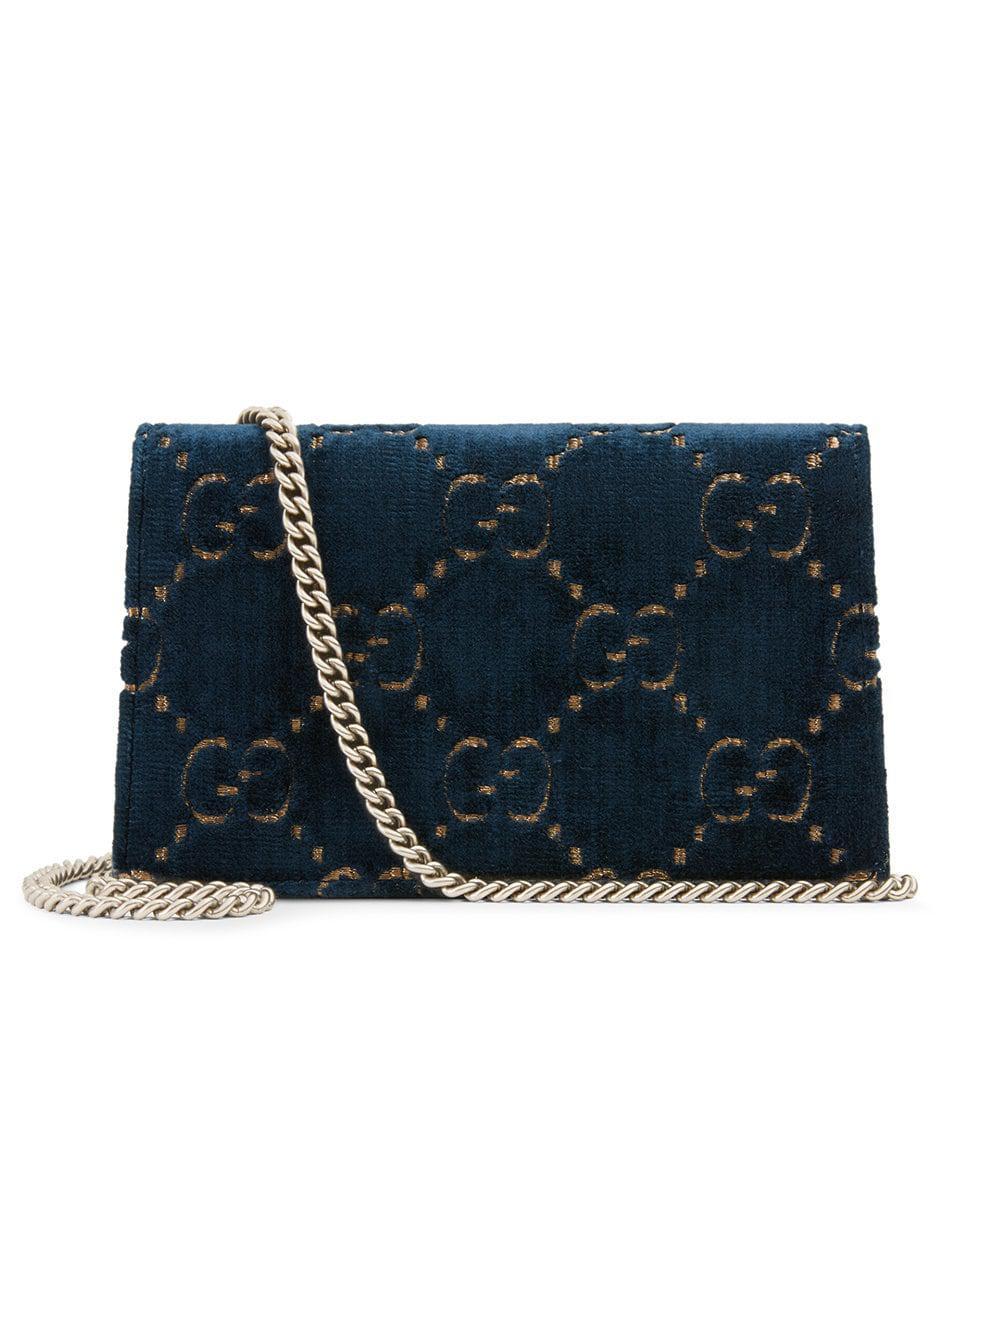 a83fc00e02e Gucci Dionysus GG Velvet Super Mini Bag in Blue - Save 30% - Lyst